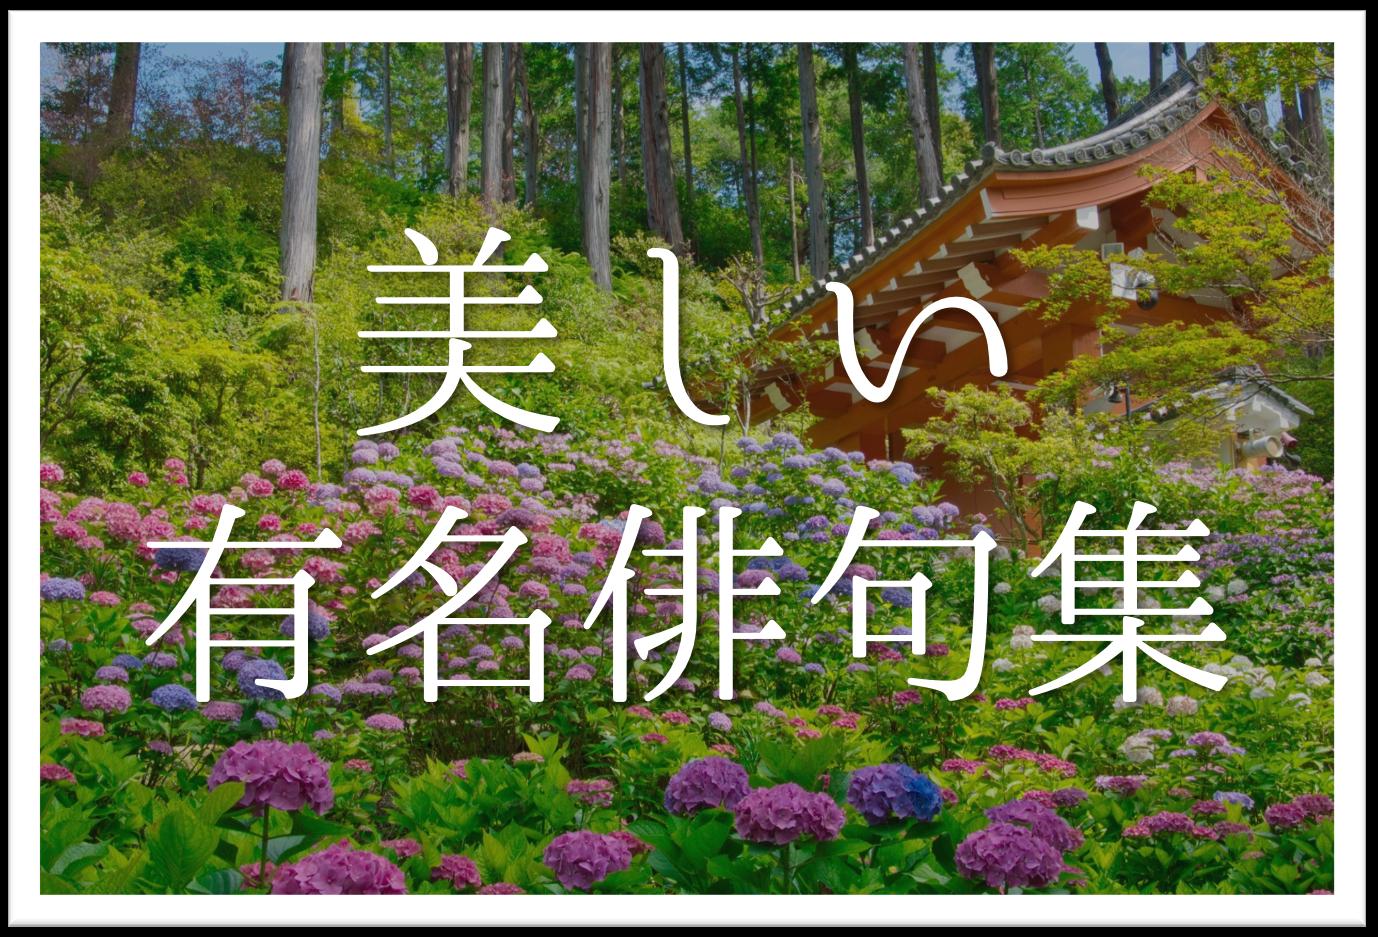 【美しい有名俳句集 20選】春夏秋冬!!季語を含むおすすめ俳句を紹介!